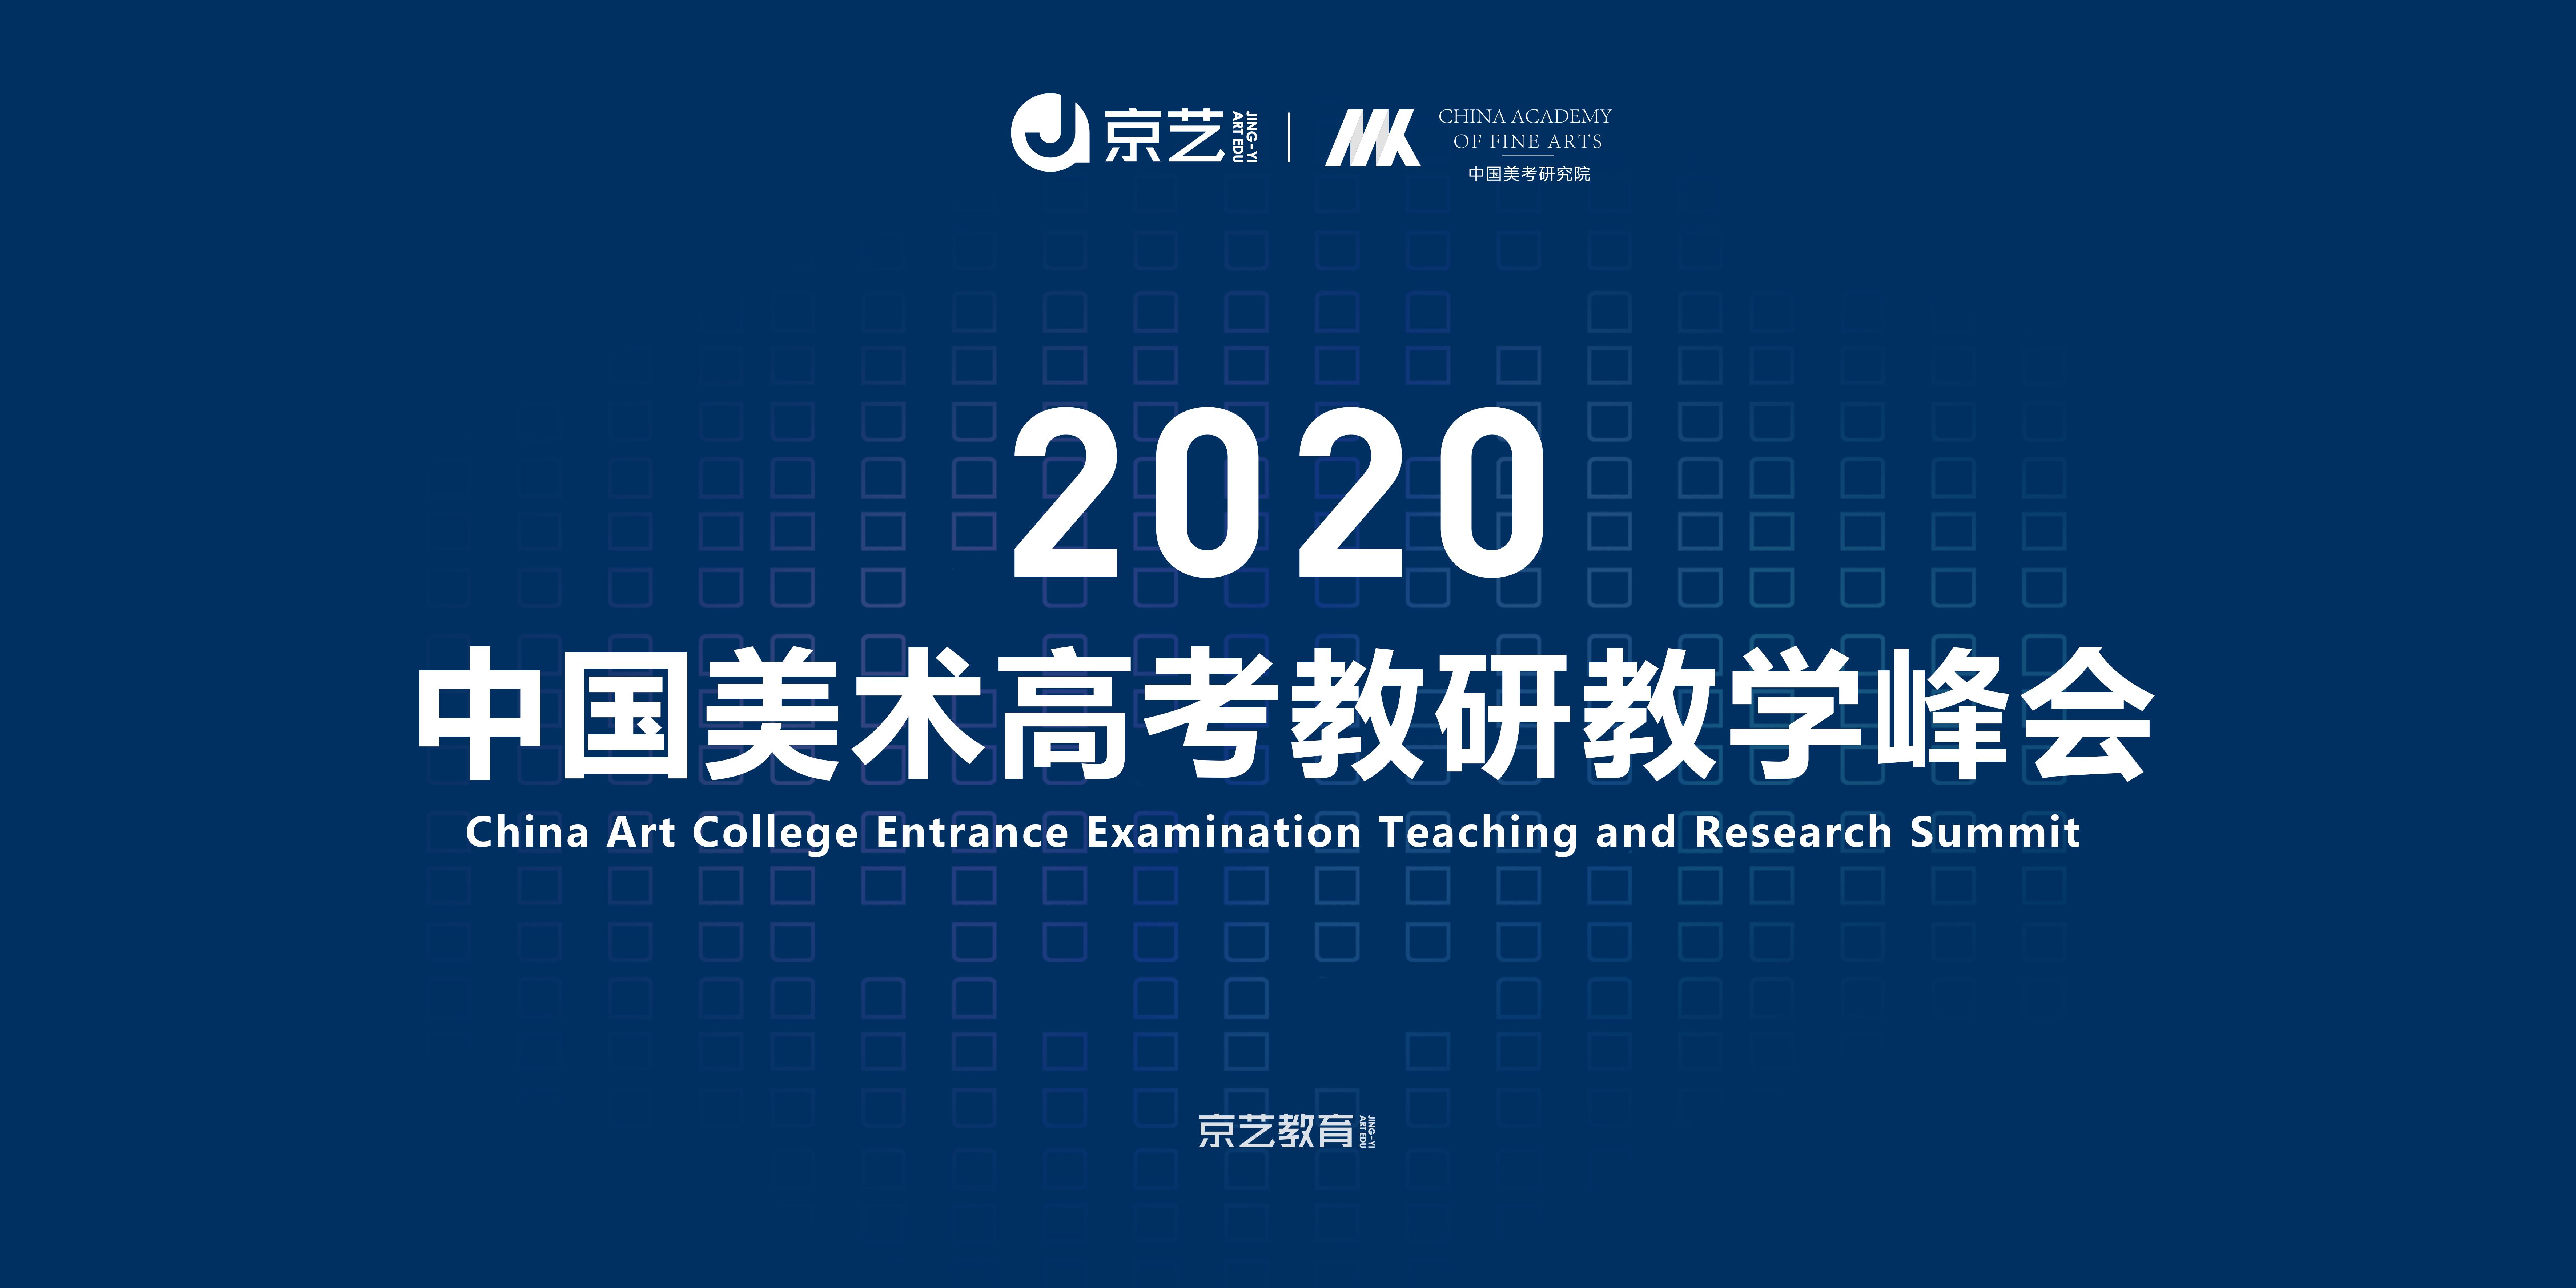 北京京艺画室率先建立美术高考研讨院,重新界说好教教